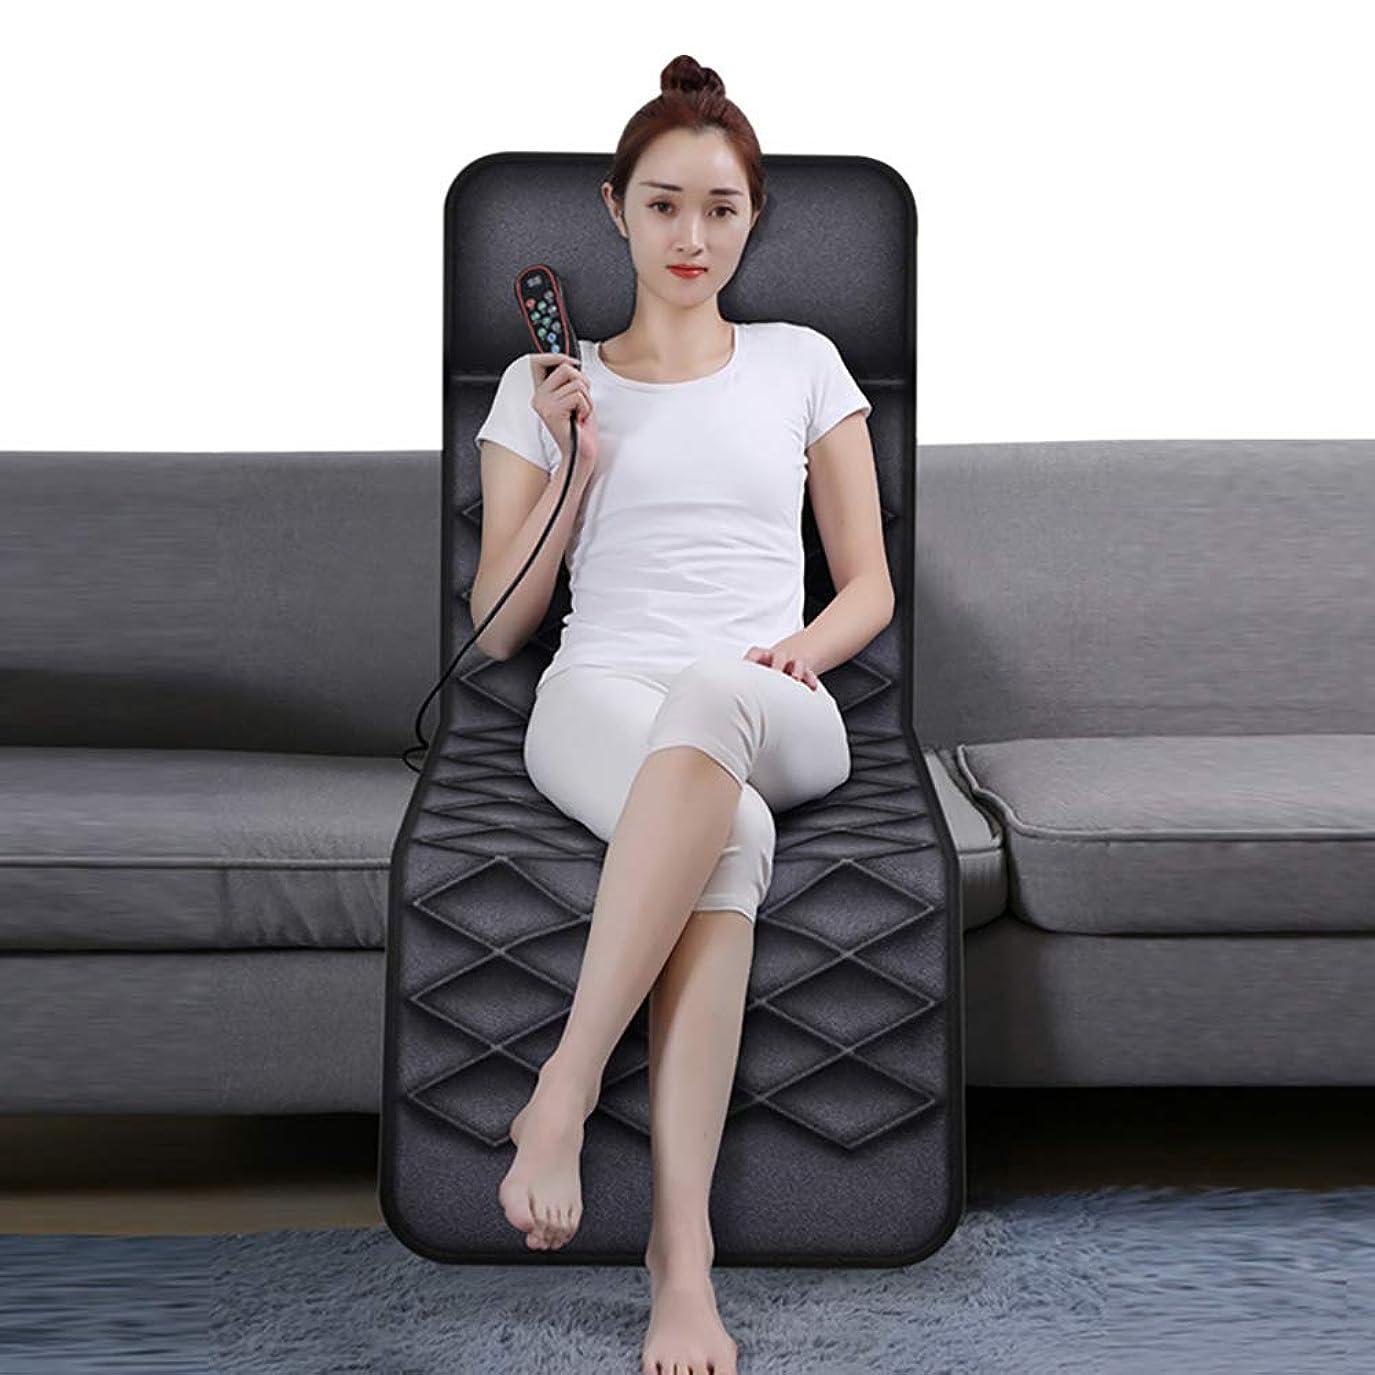 プレート恩恵しなやかな加熱付きマッサージマット、背中の痛みを軽減する10モーター振動マッサージマットレスパッド、首と背中の全身マッサージ、腰部ふくらはぎ筋肉のリラクゼーション